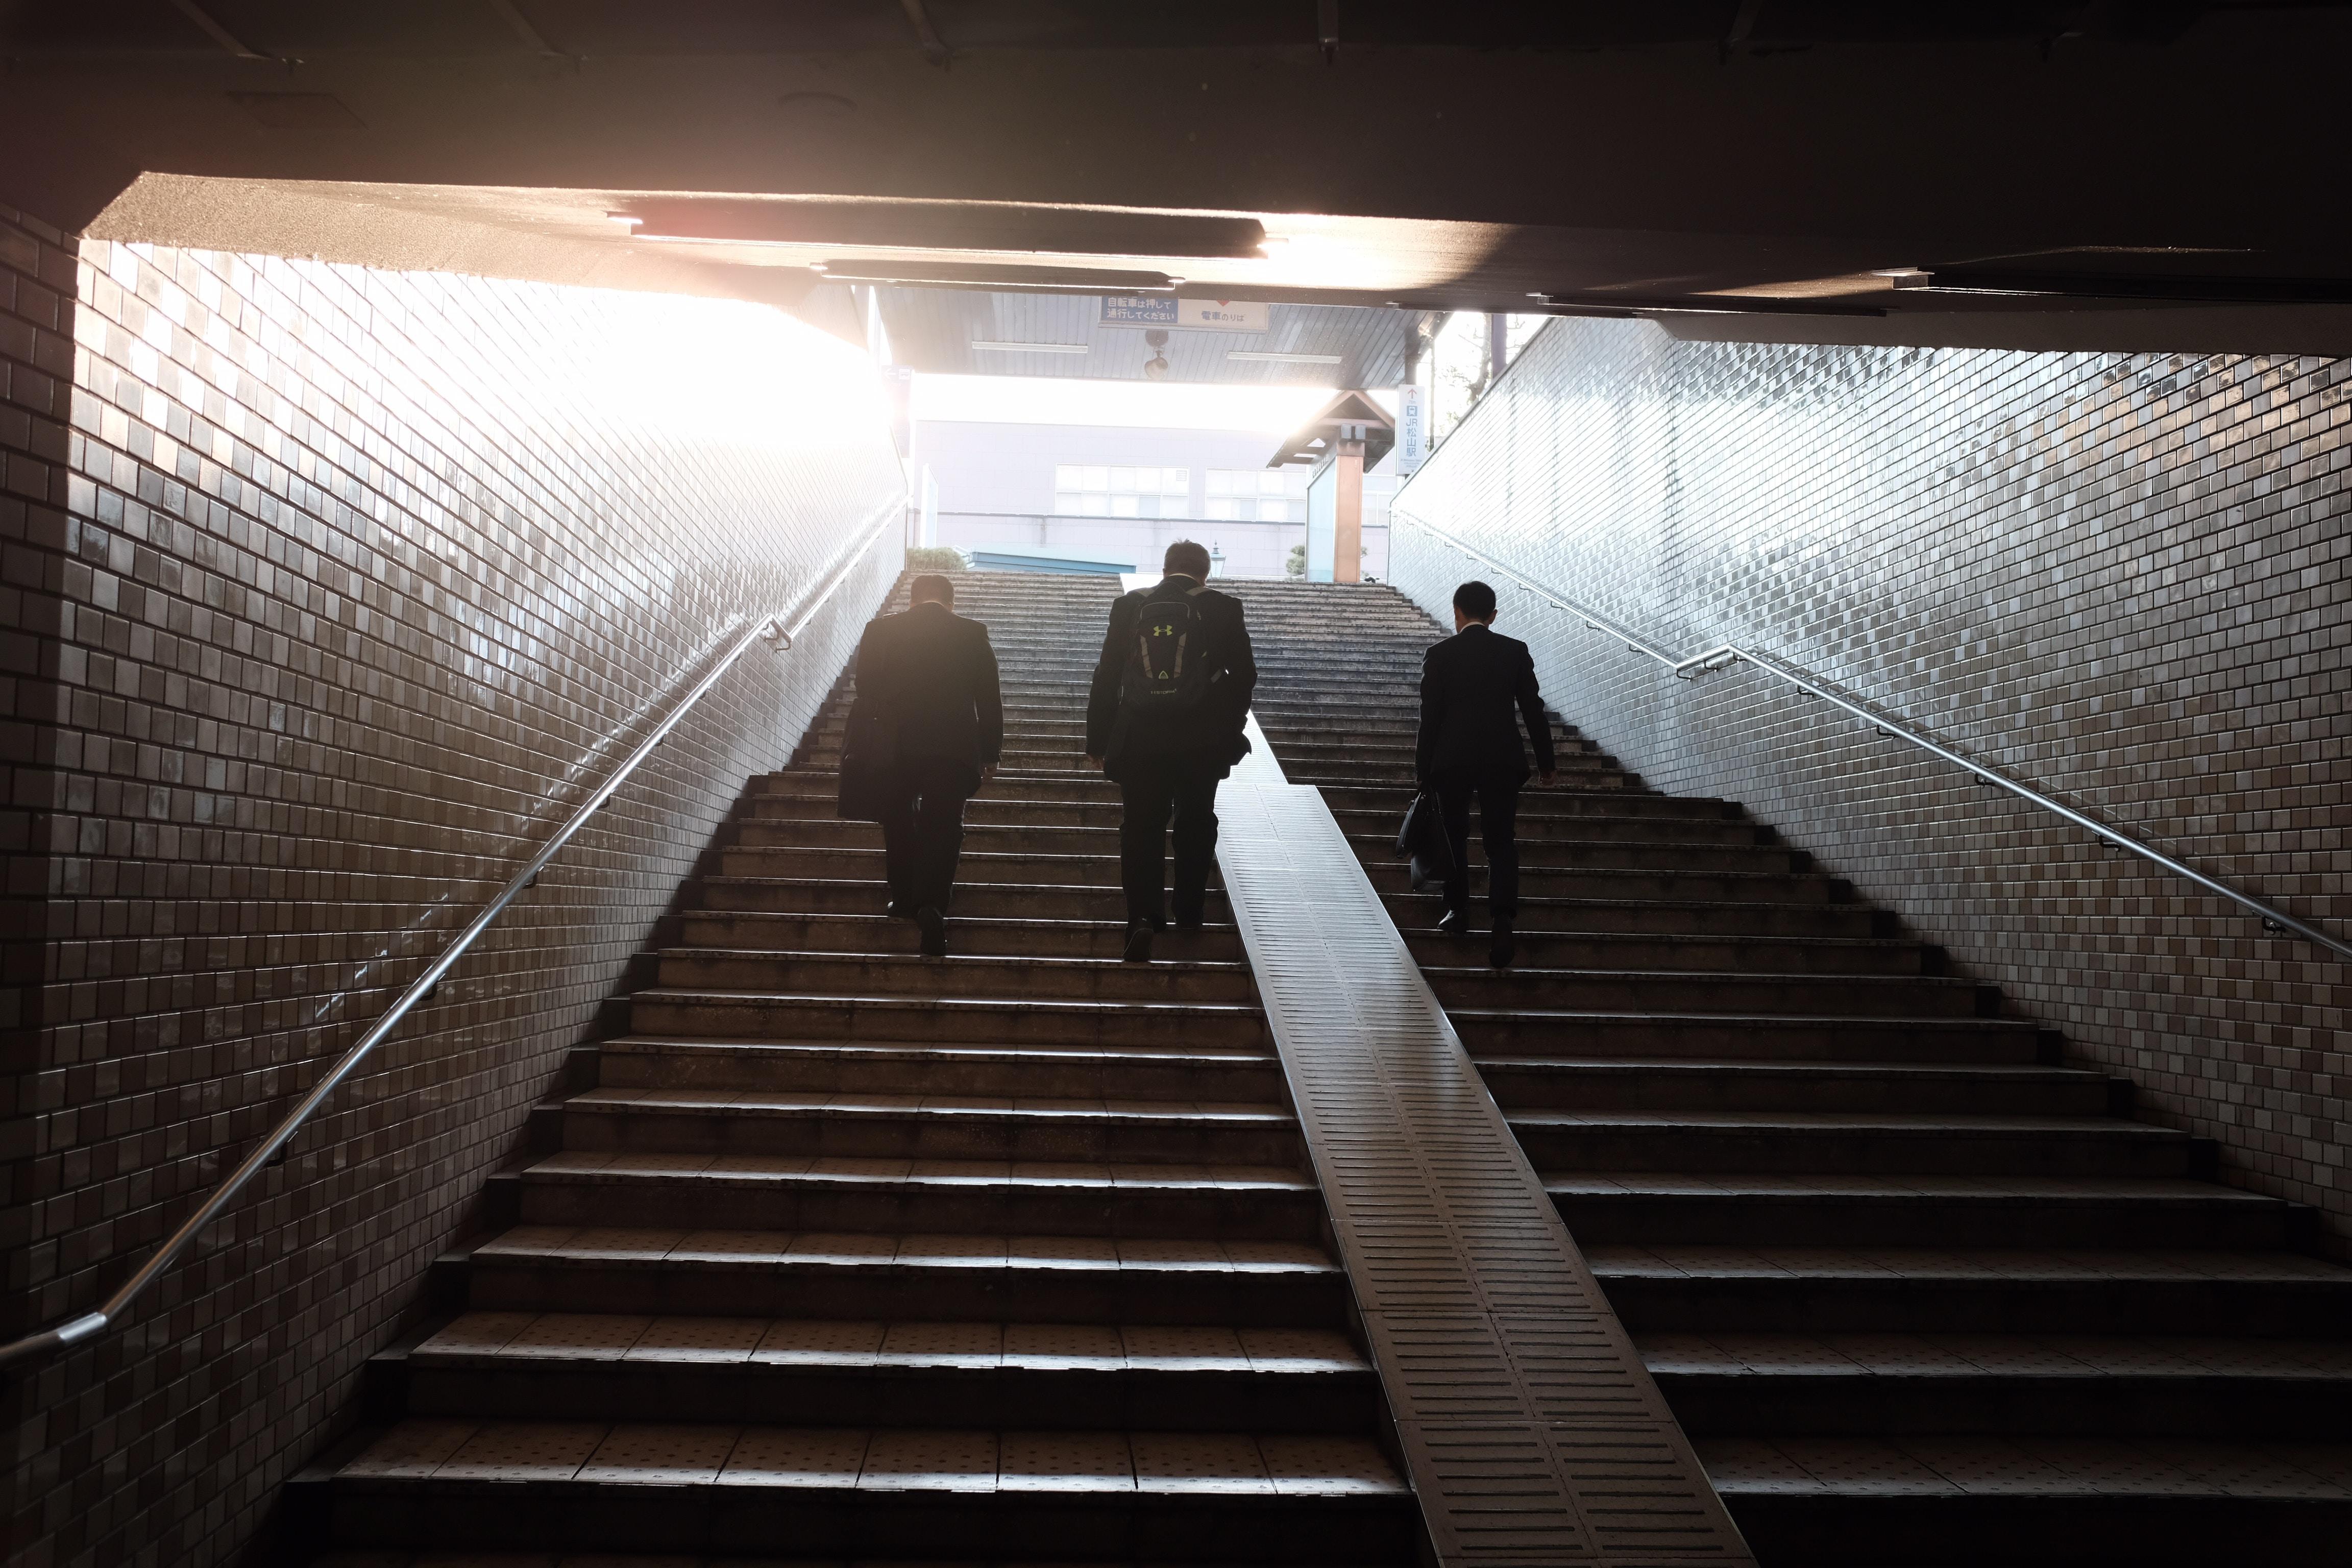 three man walking on stair